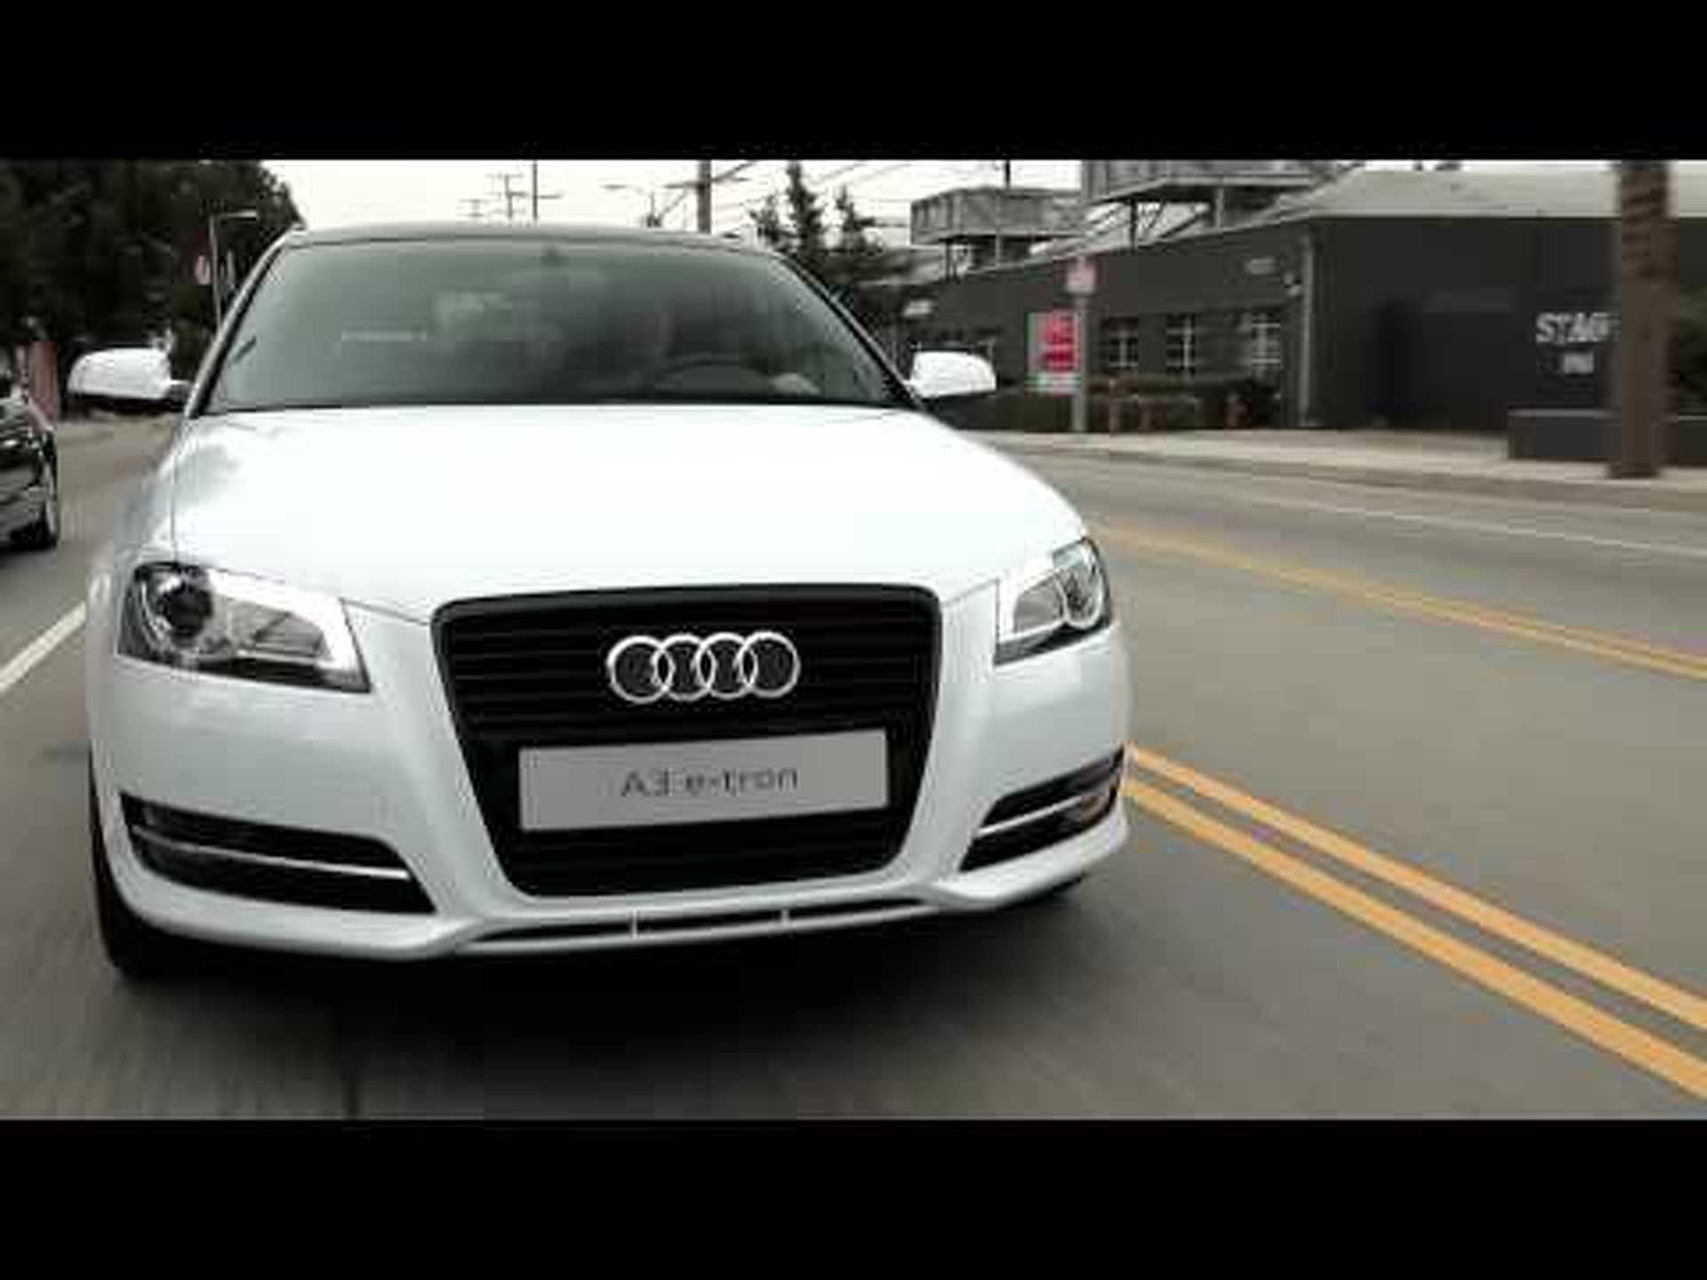 2012 Audi A3 e-tron